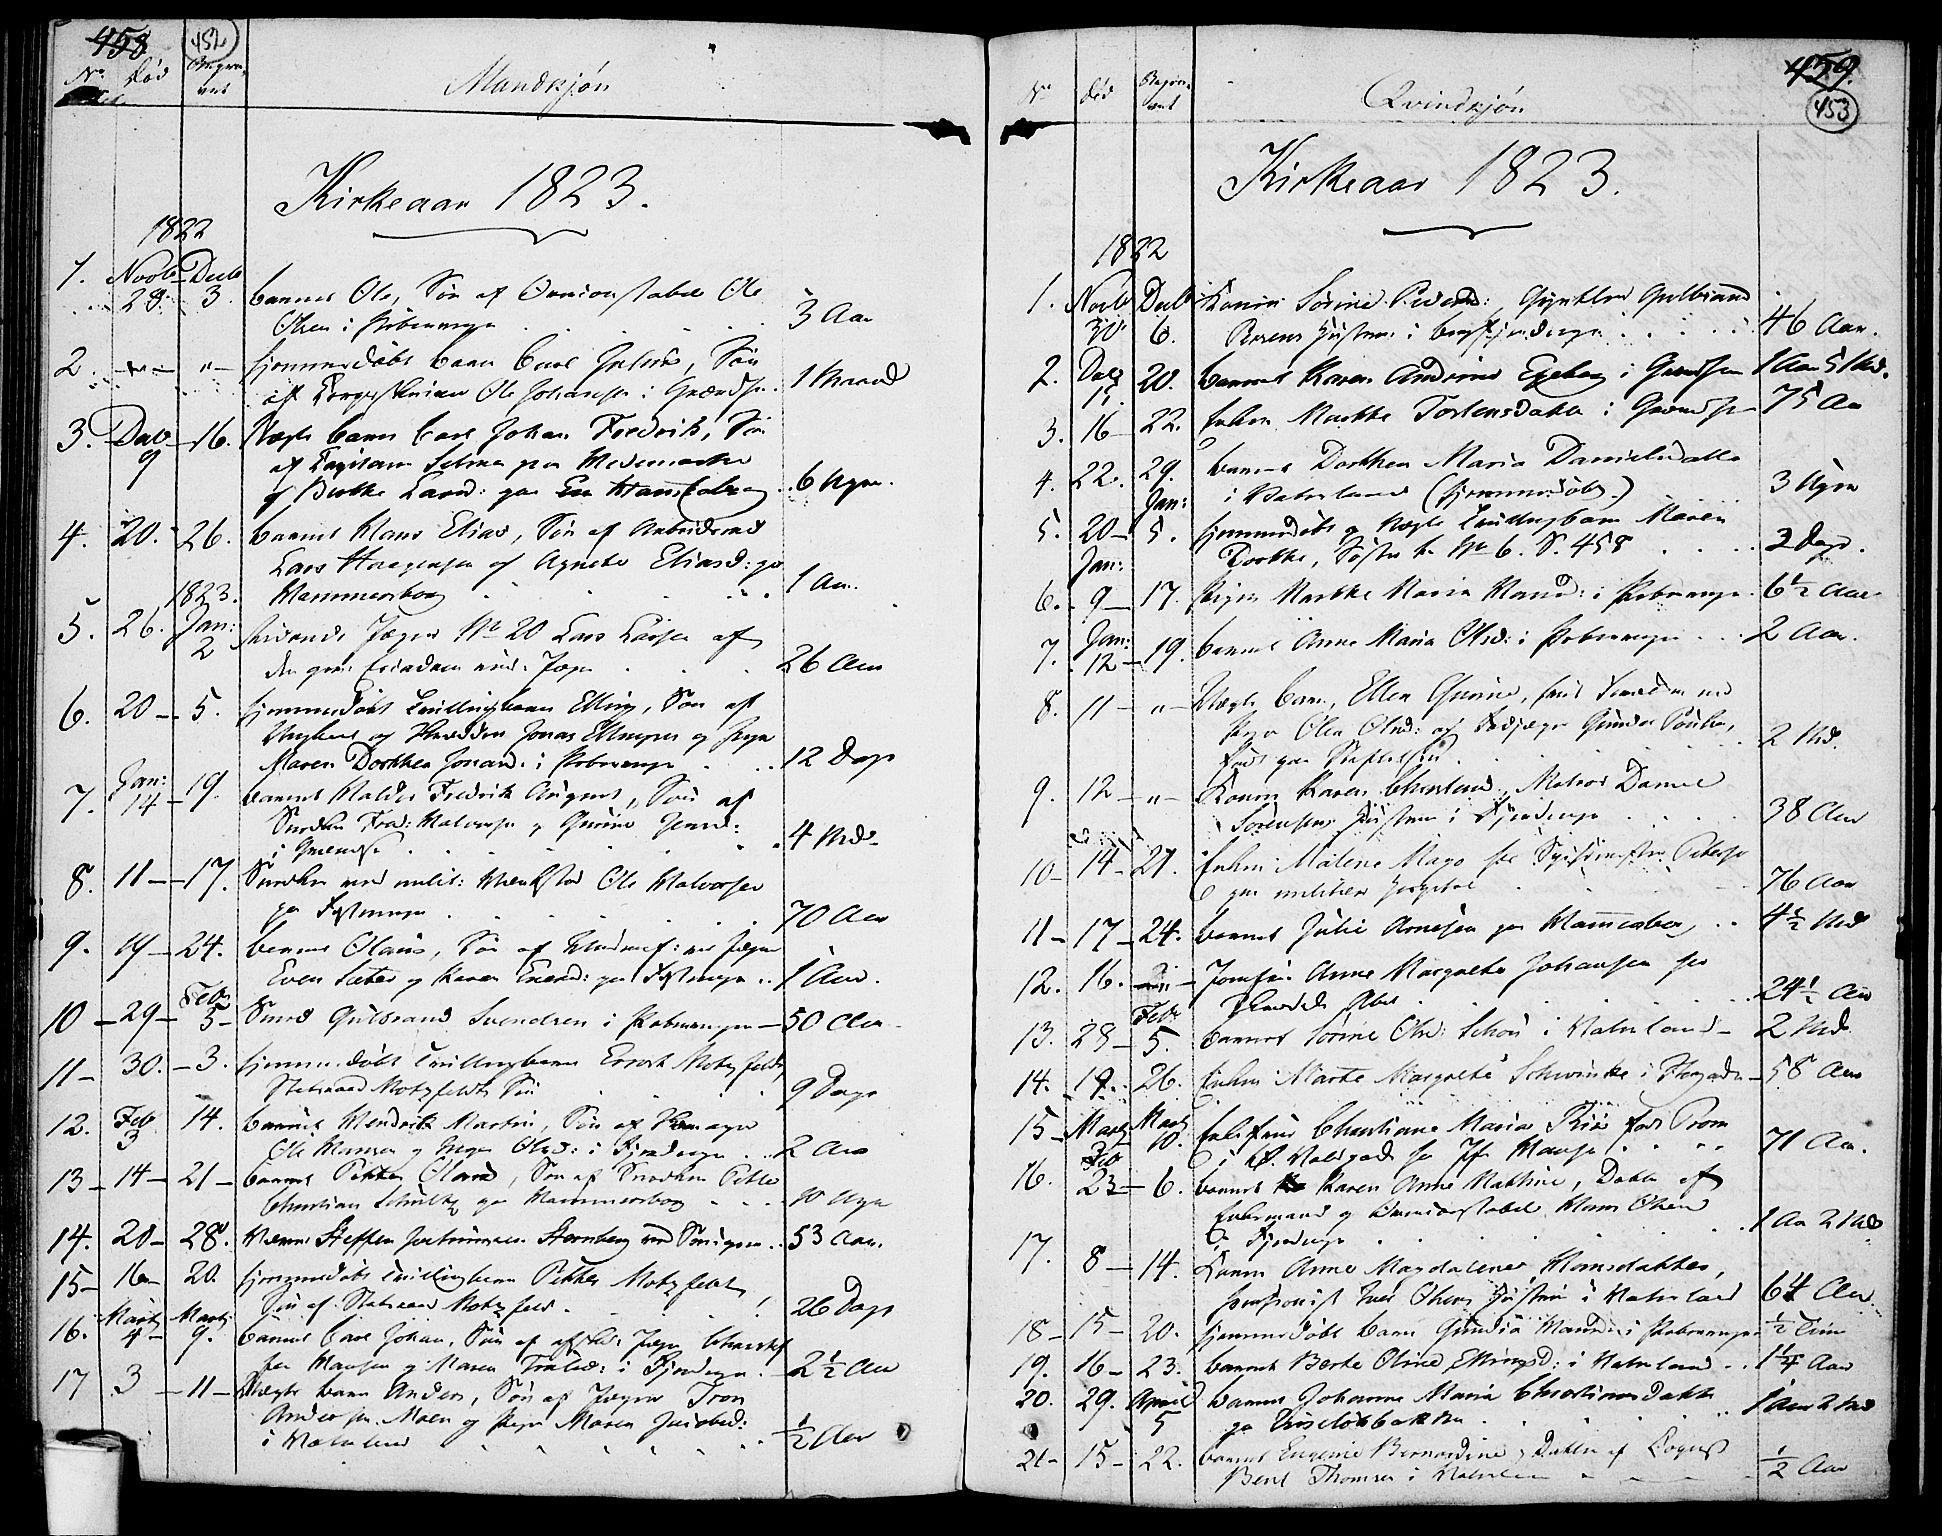 SAO, Garnisonsmenigheten Kirkebøker, F/Fa/L0004: Ministerialbok nr. 4, 1820-1828, s. 452-453